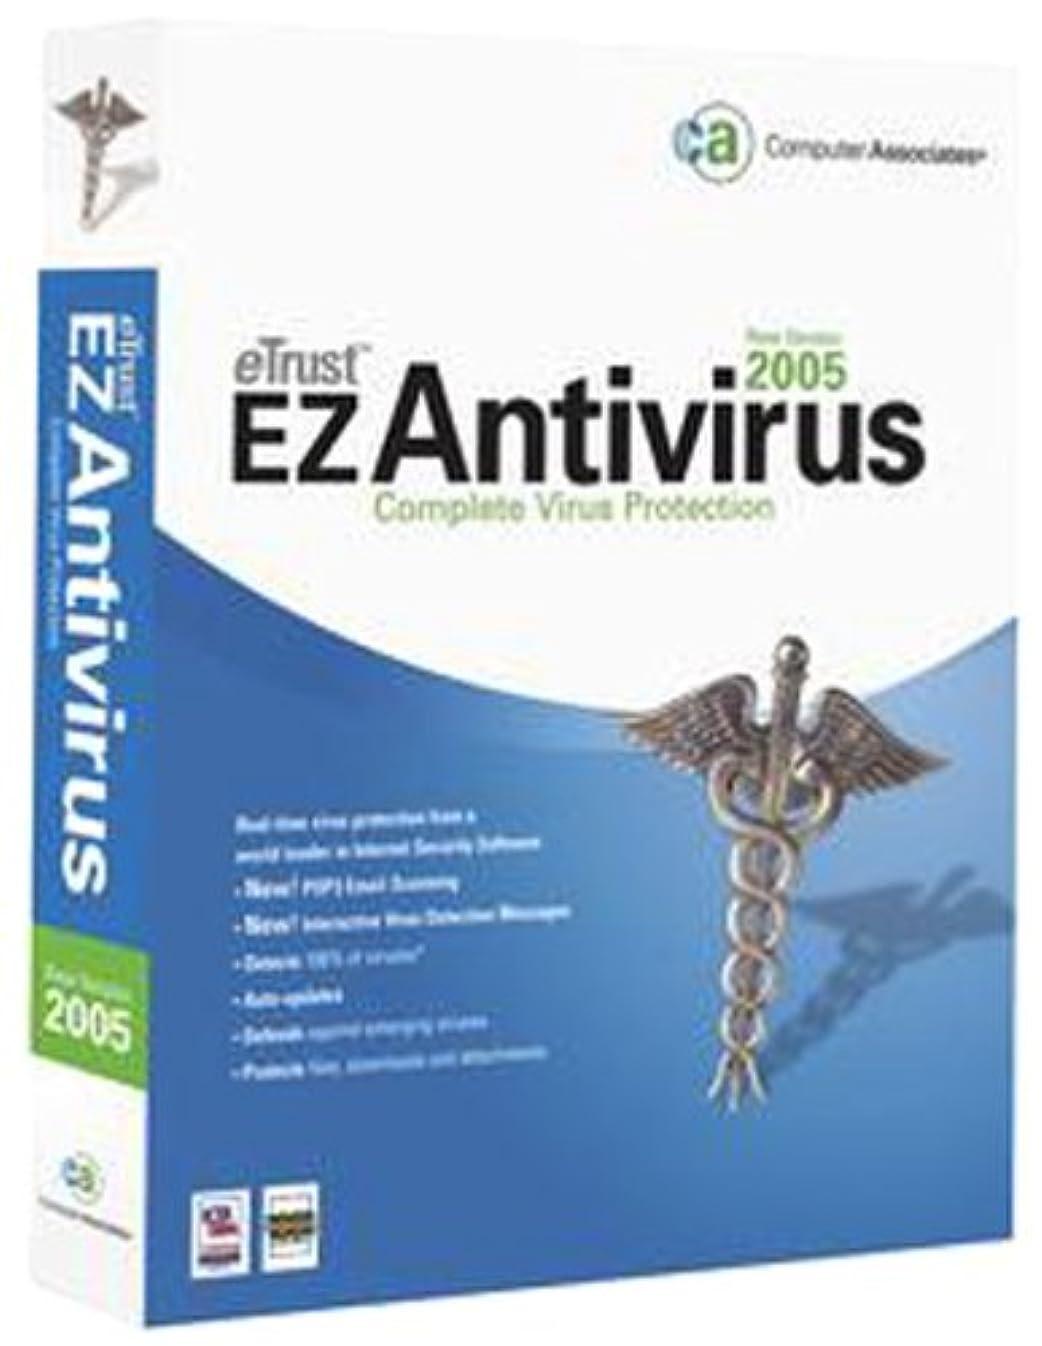 衝撃取得する摂動Computer Associates eTrust EZアンチウイルス2005